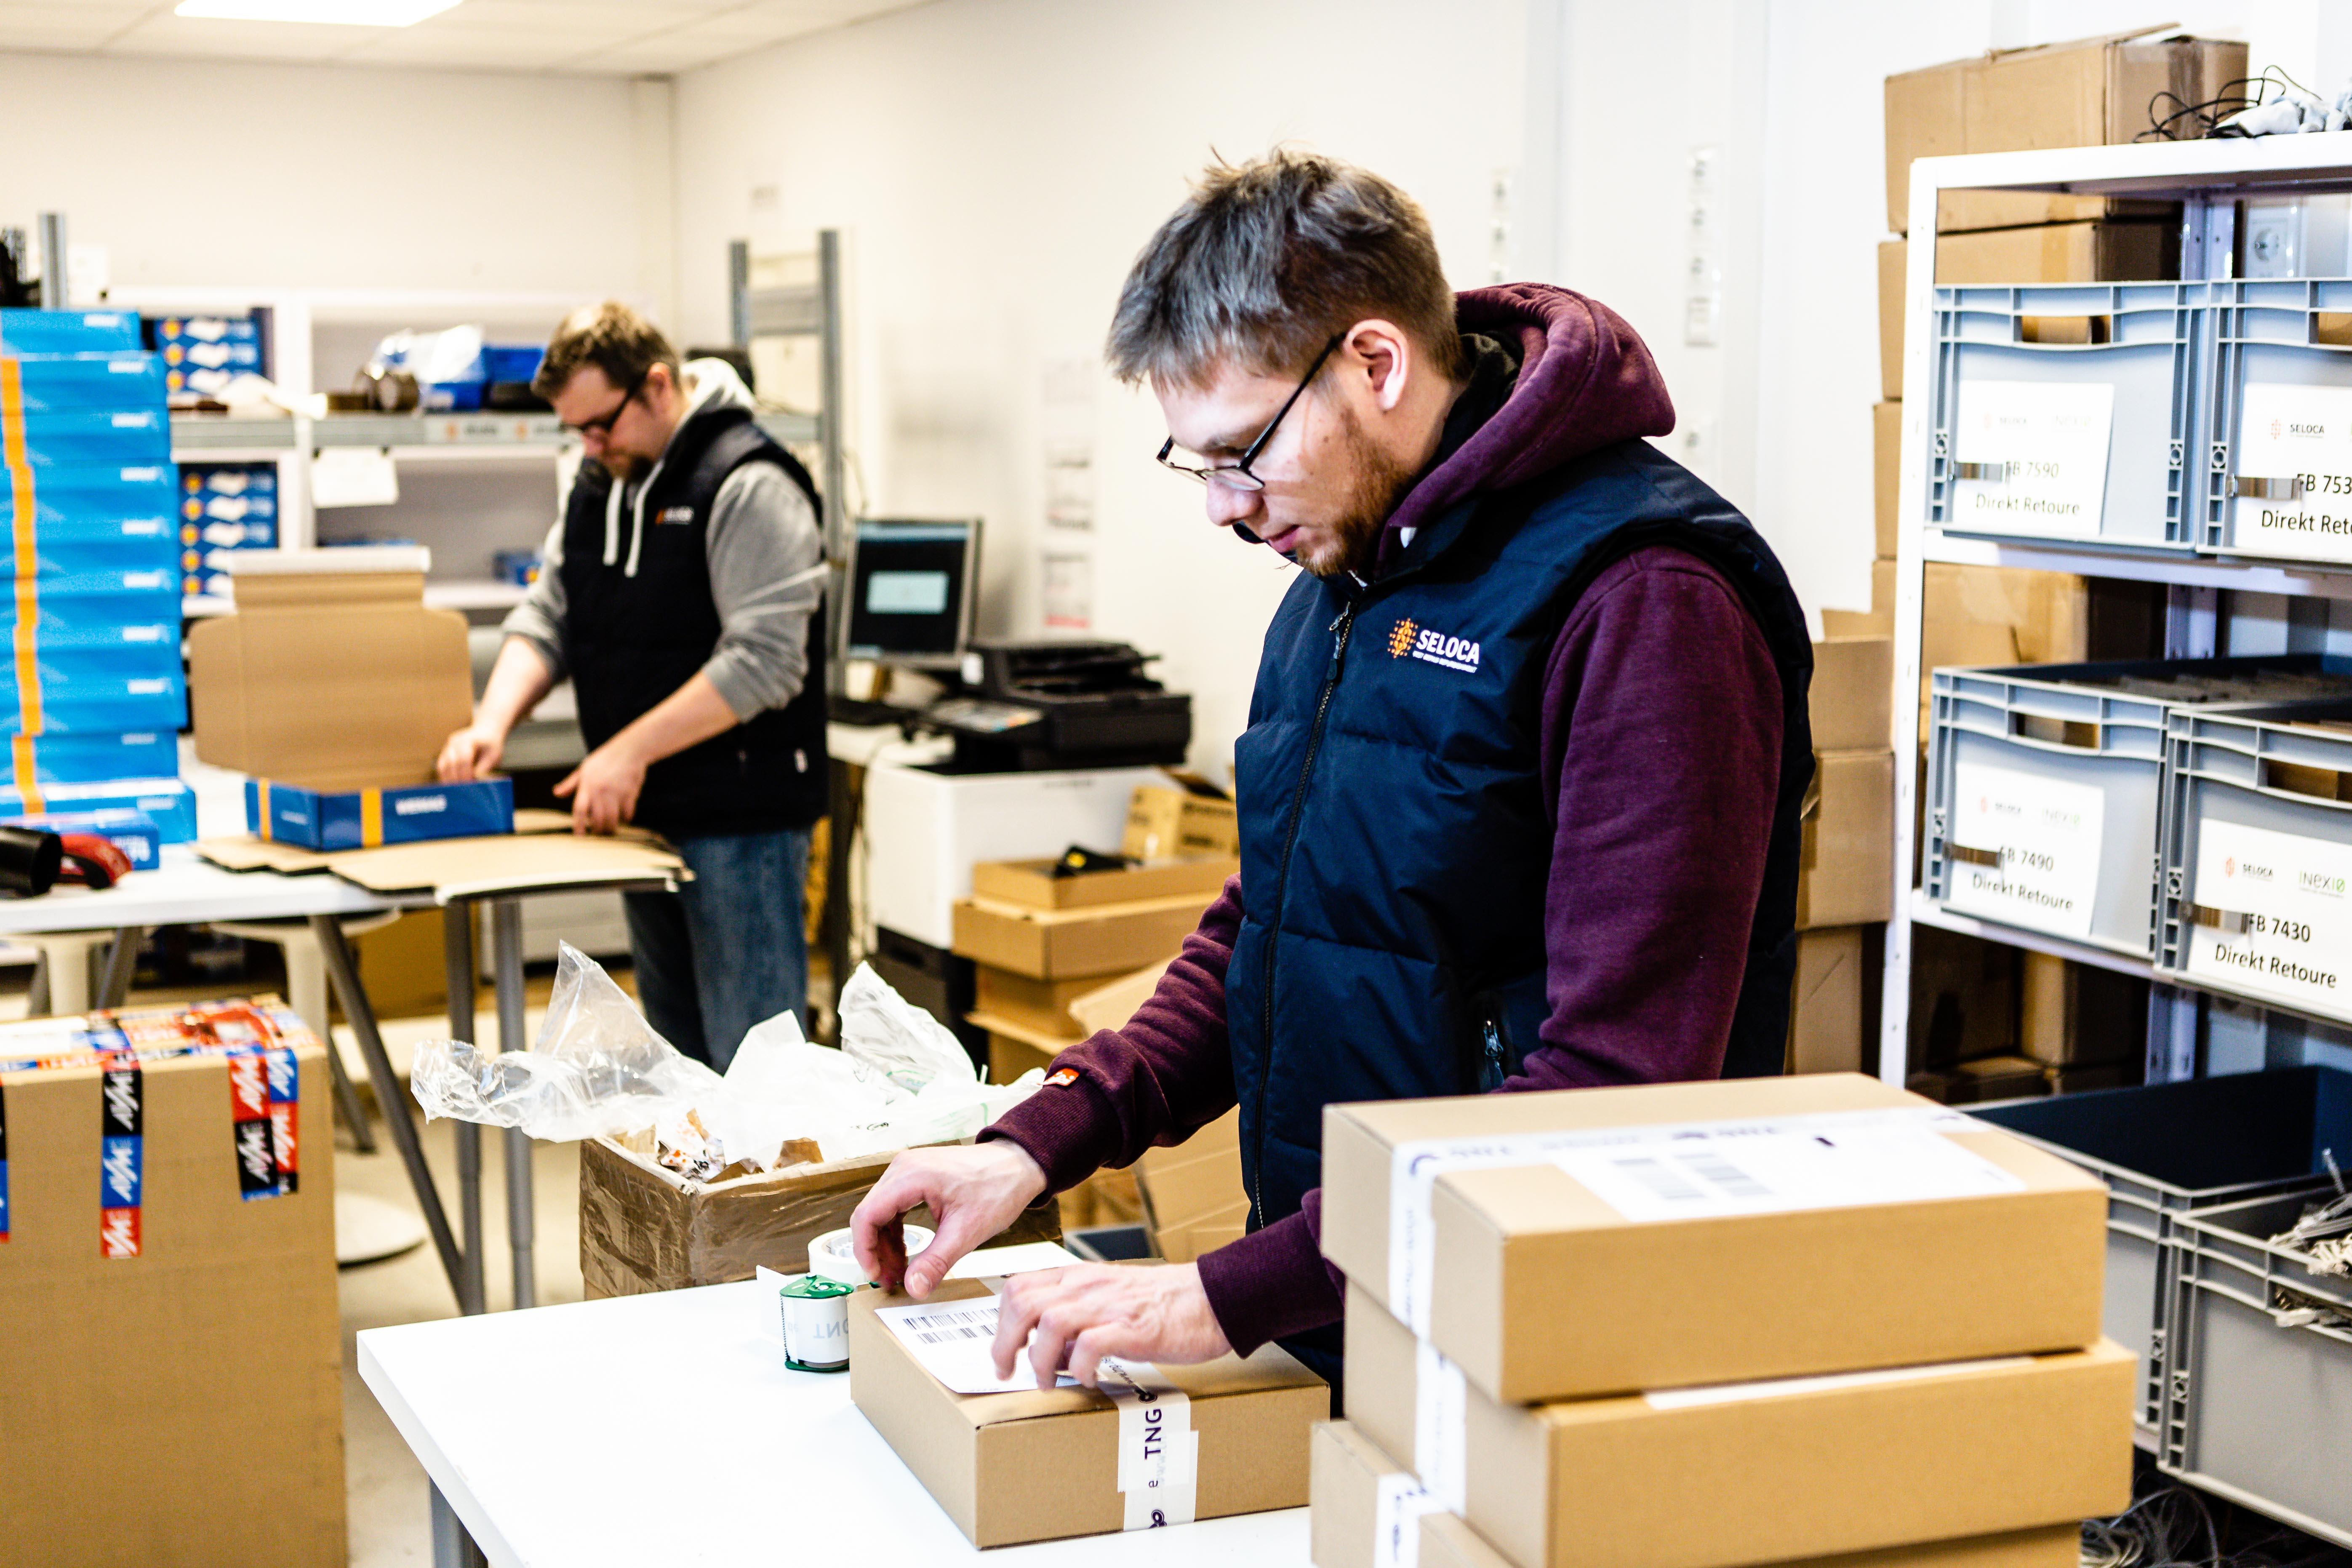 Derzeit bereitet Seloca an vier Kommissionierstationen täglich zwischen 500 und 1.000 Pakete vor und versendet diese an die Endkunden seiner Auftraggeber, © Seloca GmbH, Foto: Frank Molter